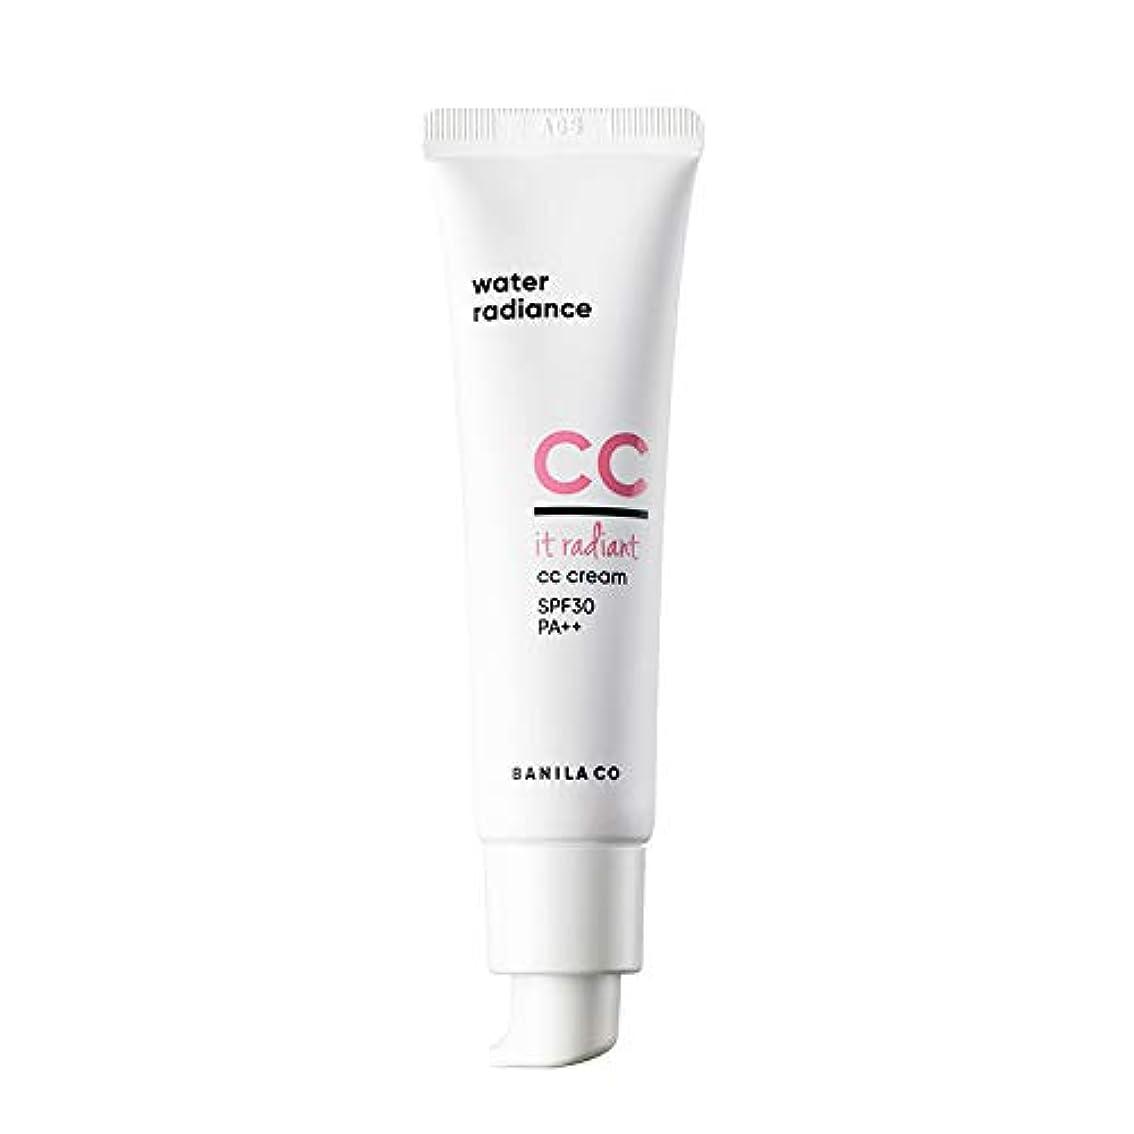 ノーブル見落とす破壊的なBANILA CO(バニラコ) イットレディアント ccクリーム It Radiant CC Cream